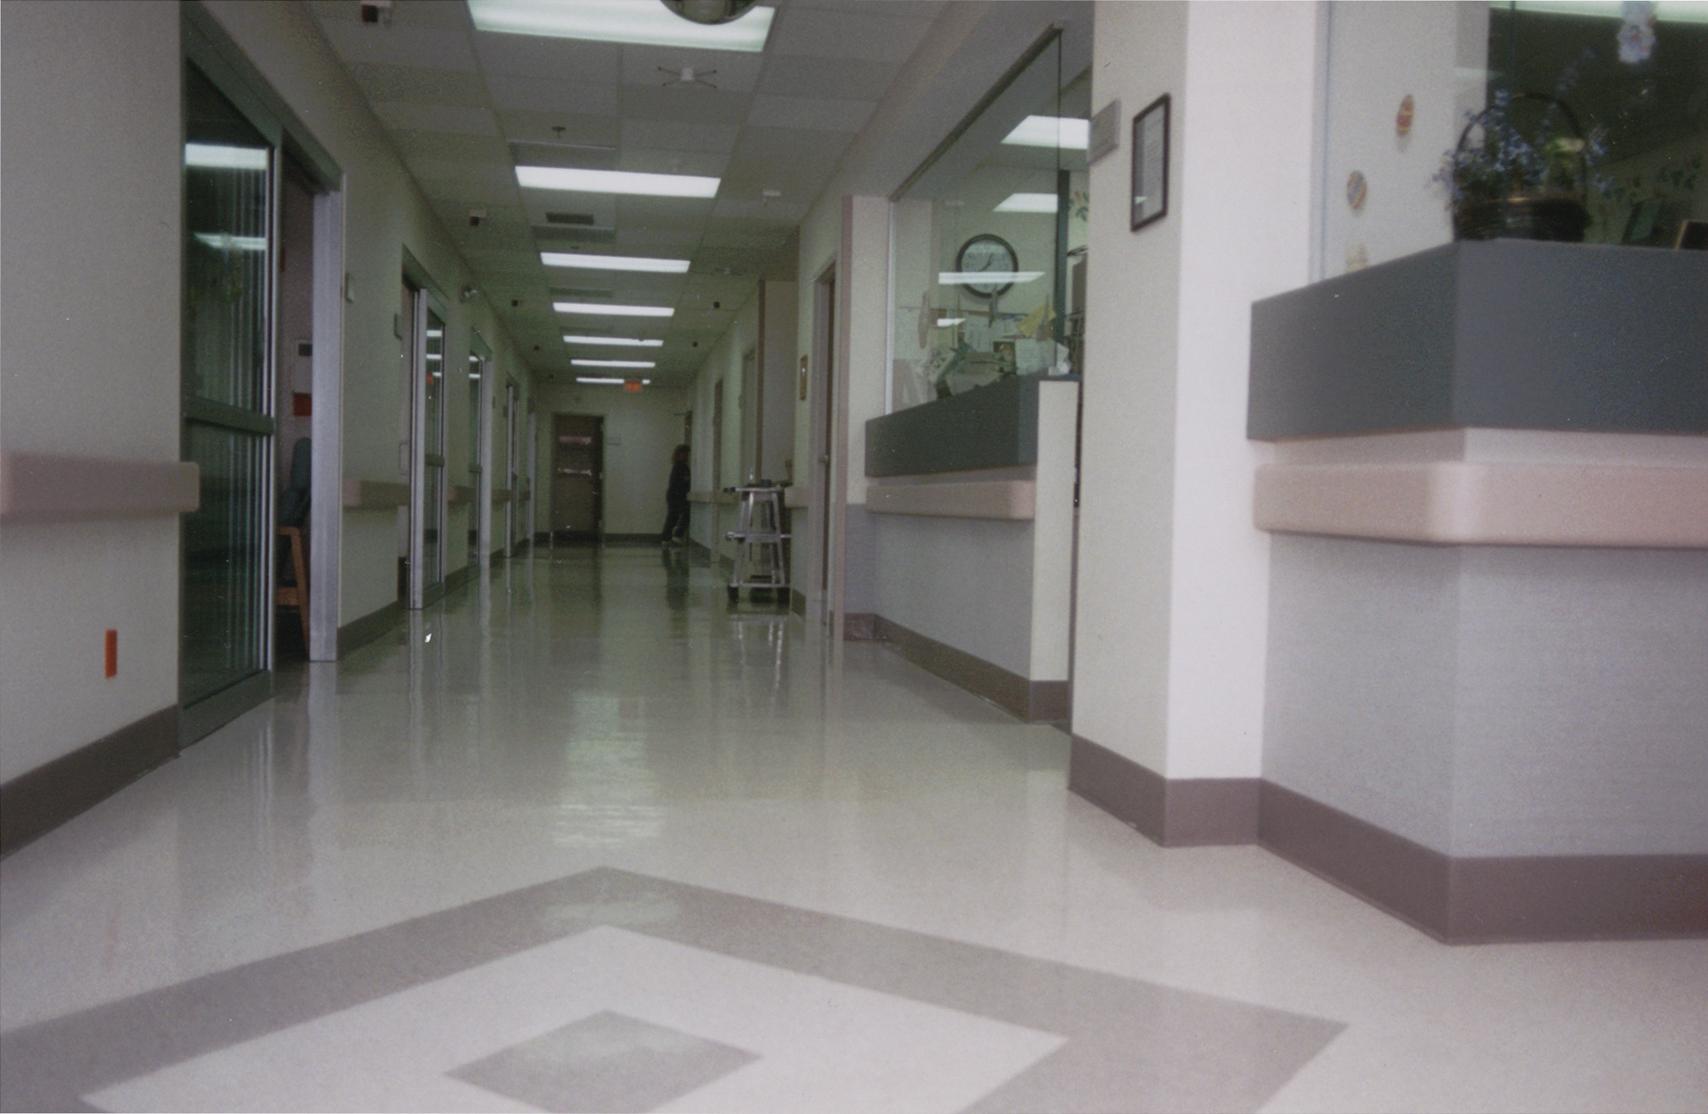 St.Joe_ICU_Hallway1.jpg